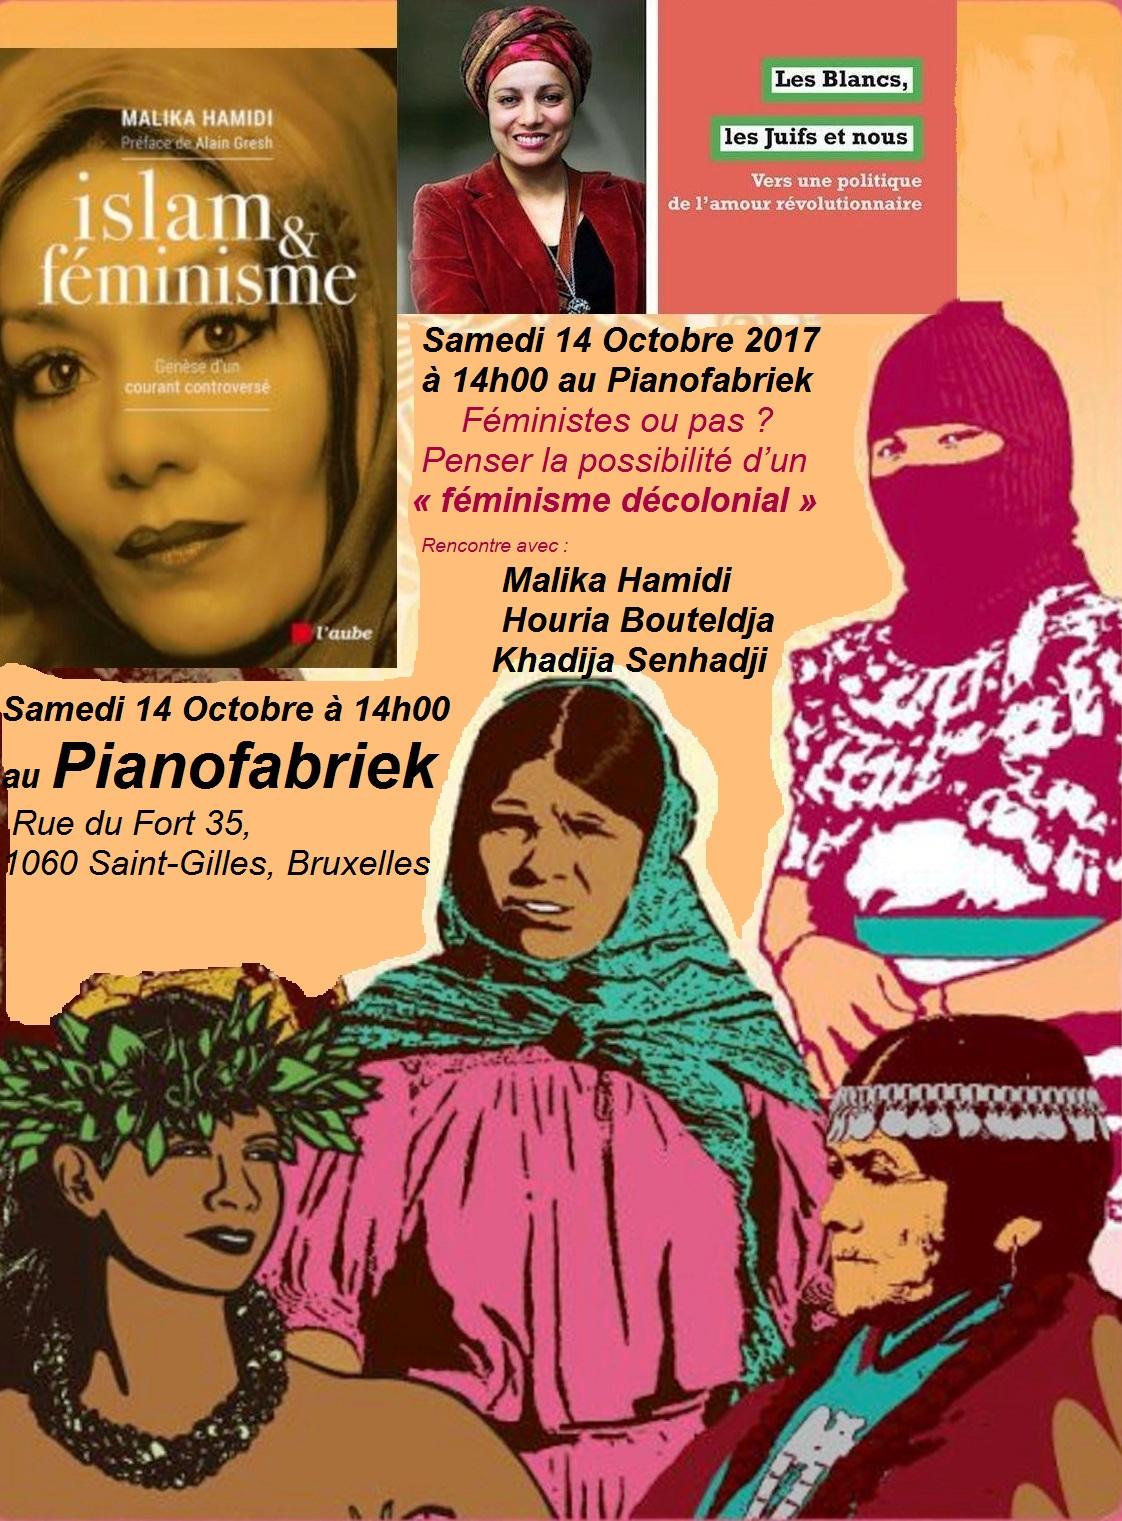 » Féministes ou pas ? Penser la possibilité d'un « féminisme décolonial »